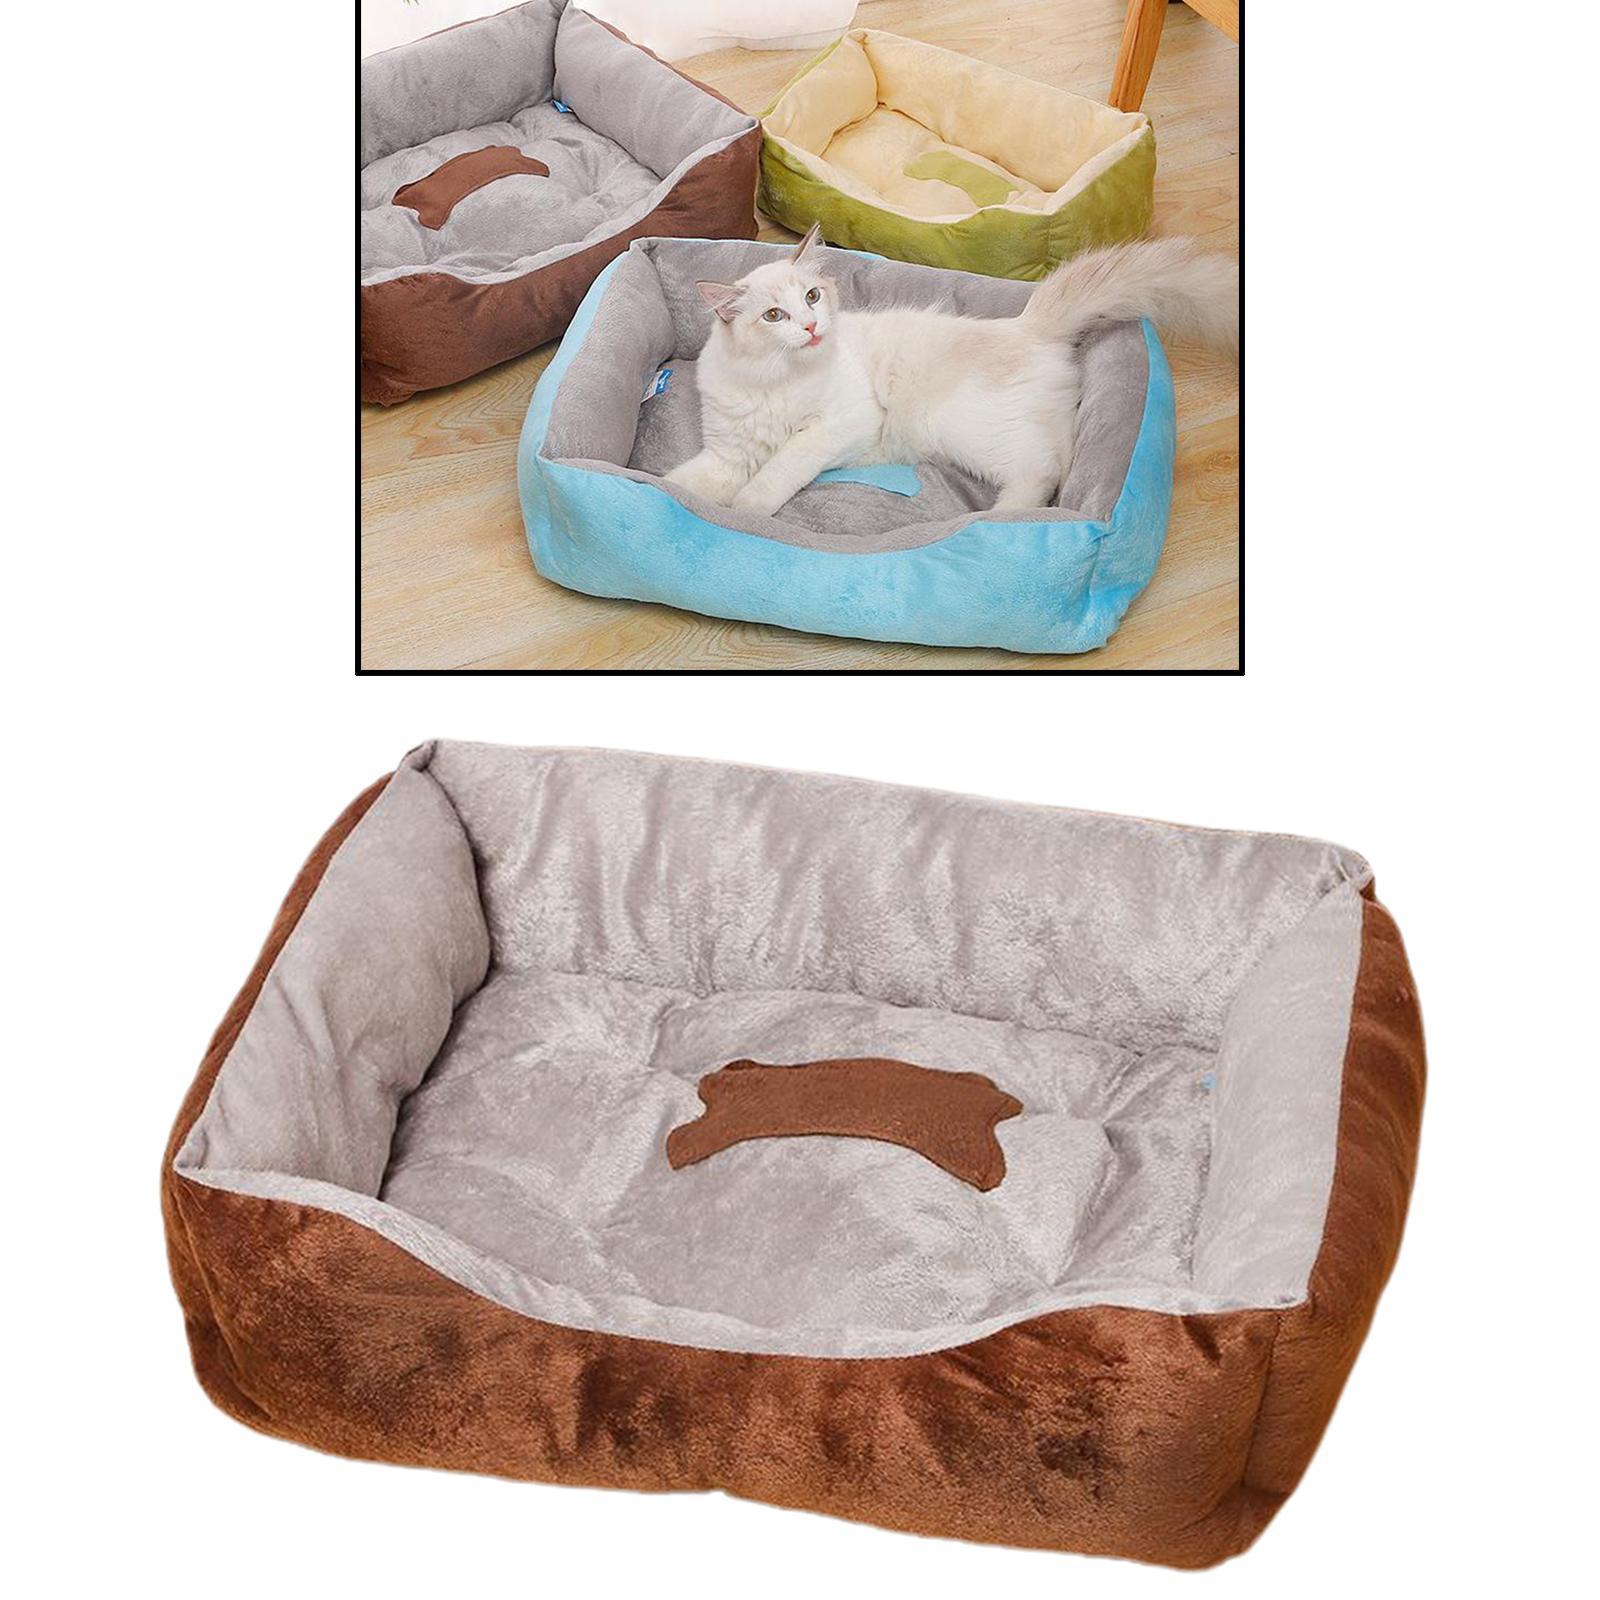 Indexbild 38 - Katze-Hund-Bett-Pet-Kissen-Betten-Haus-Schlaf-Soft-Warmen-Zwinger-Decke-Nest